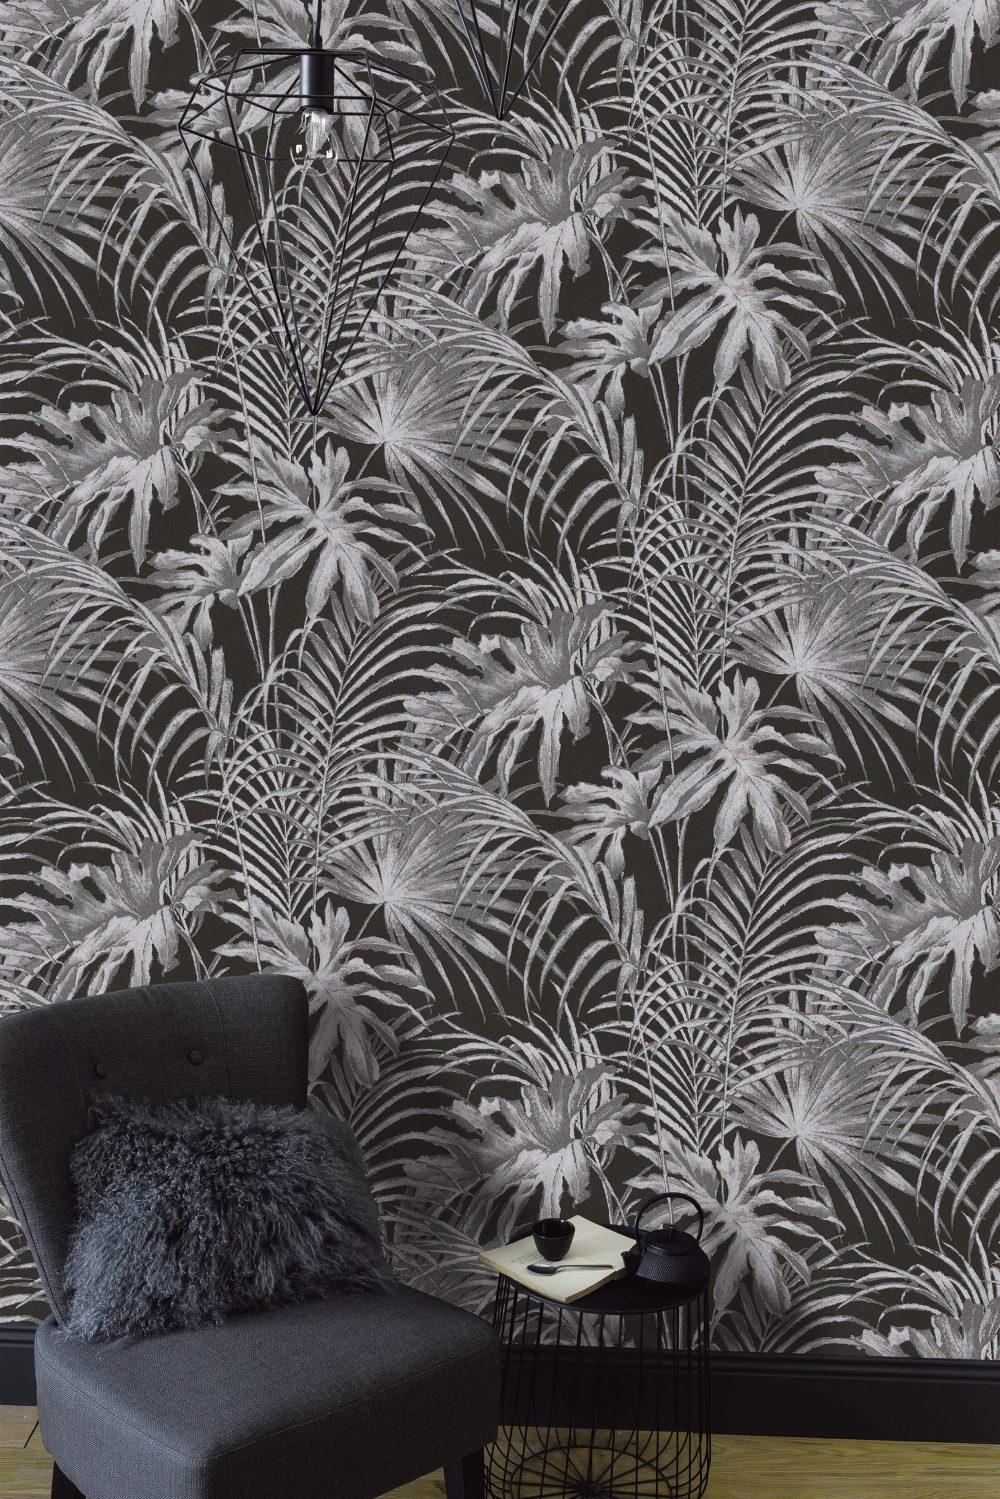 Papier peint à feuillage Jungle en Noir et Blanc